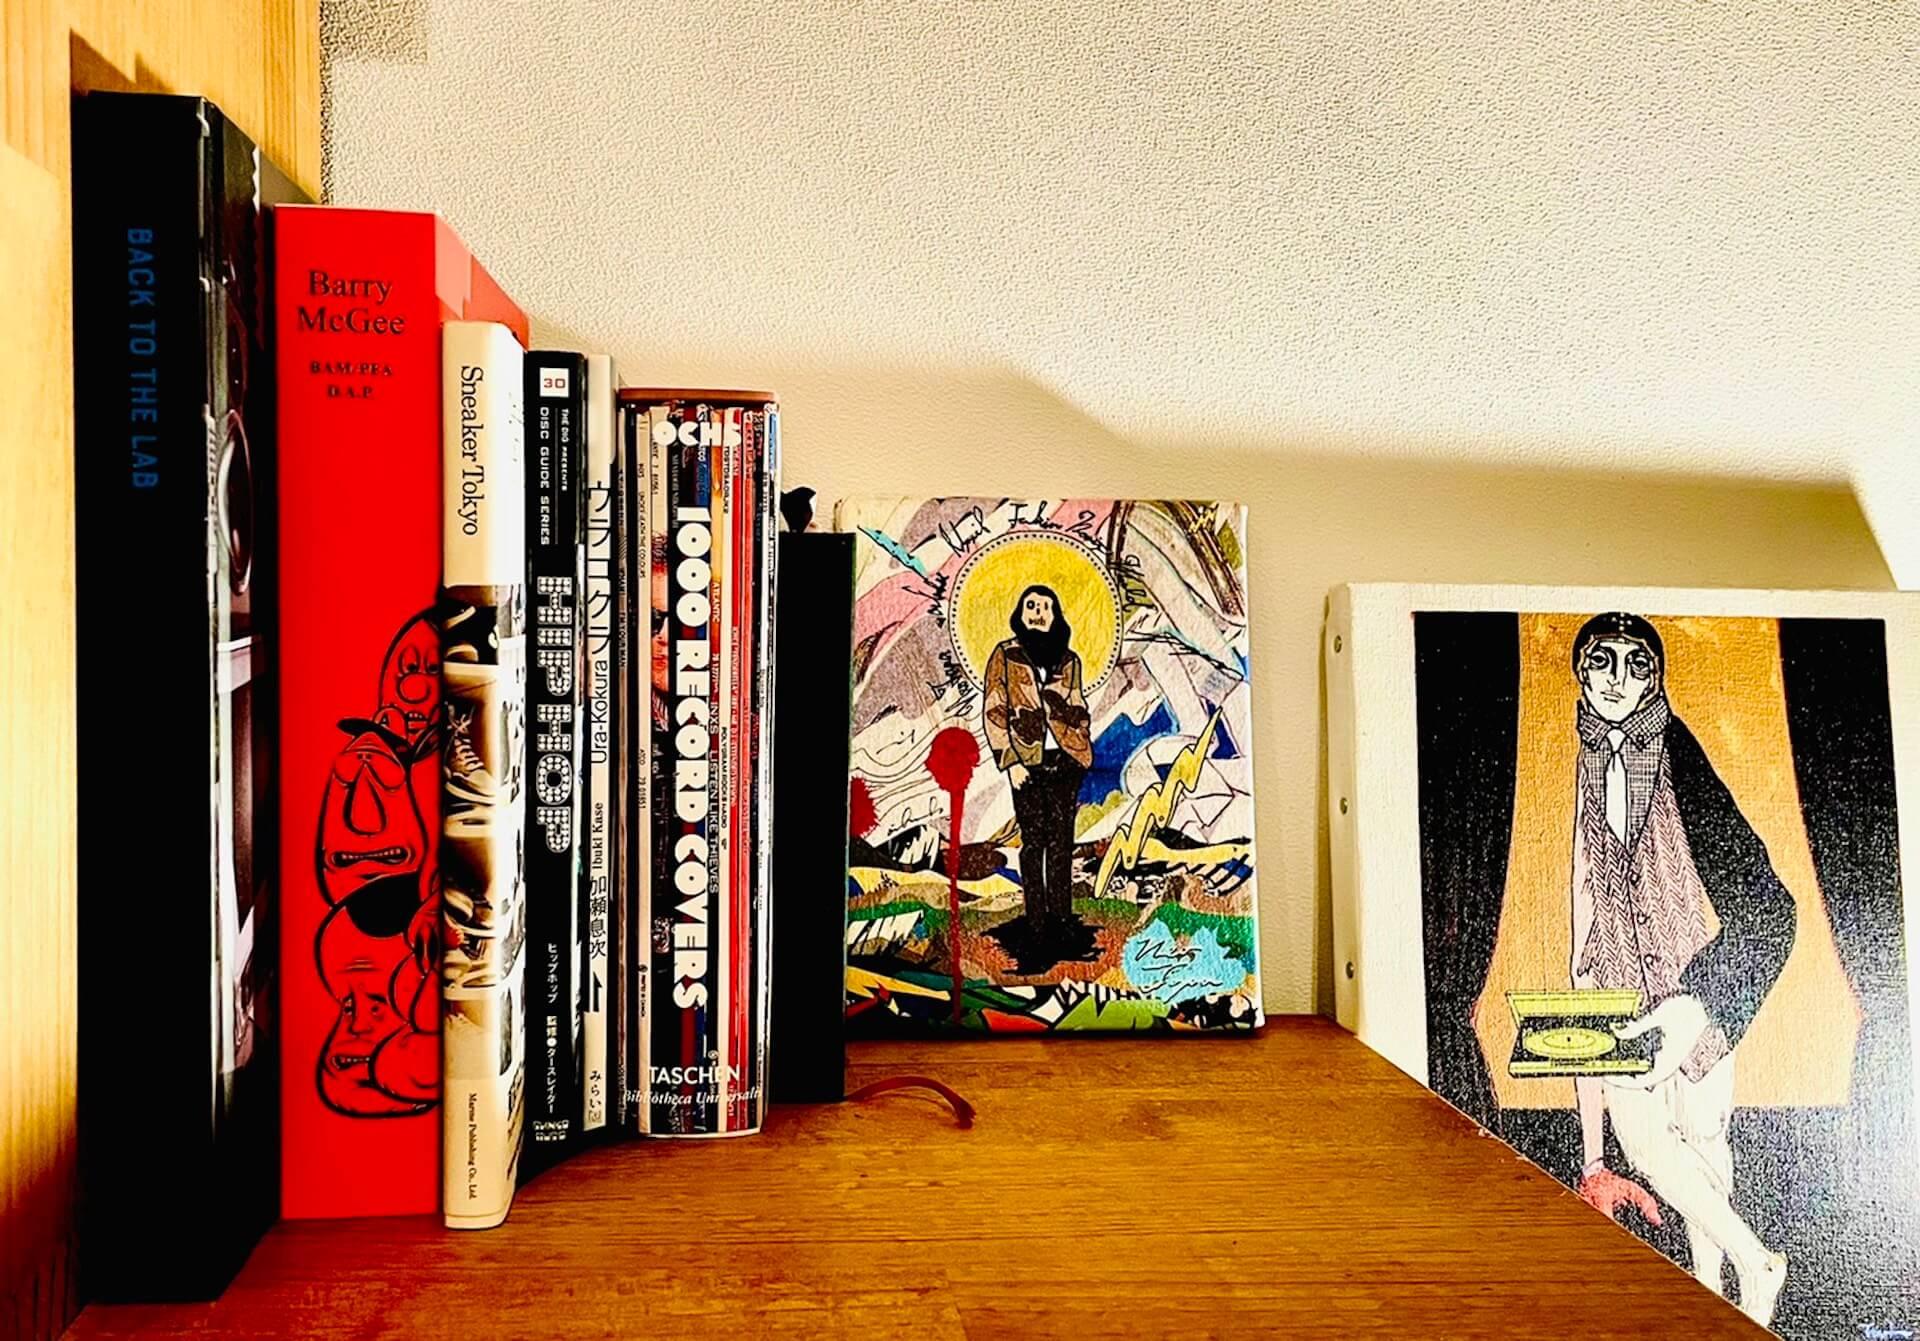 アートブックノススメ:番外編| m-al(Pack3) -『BLACK BOOK REMIX』/POPY OIL & KILLER BONG art210430_book_mal_3